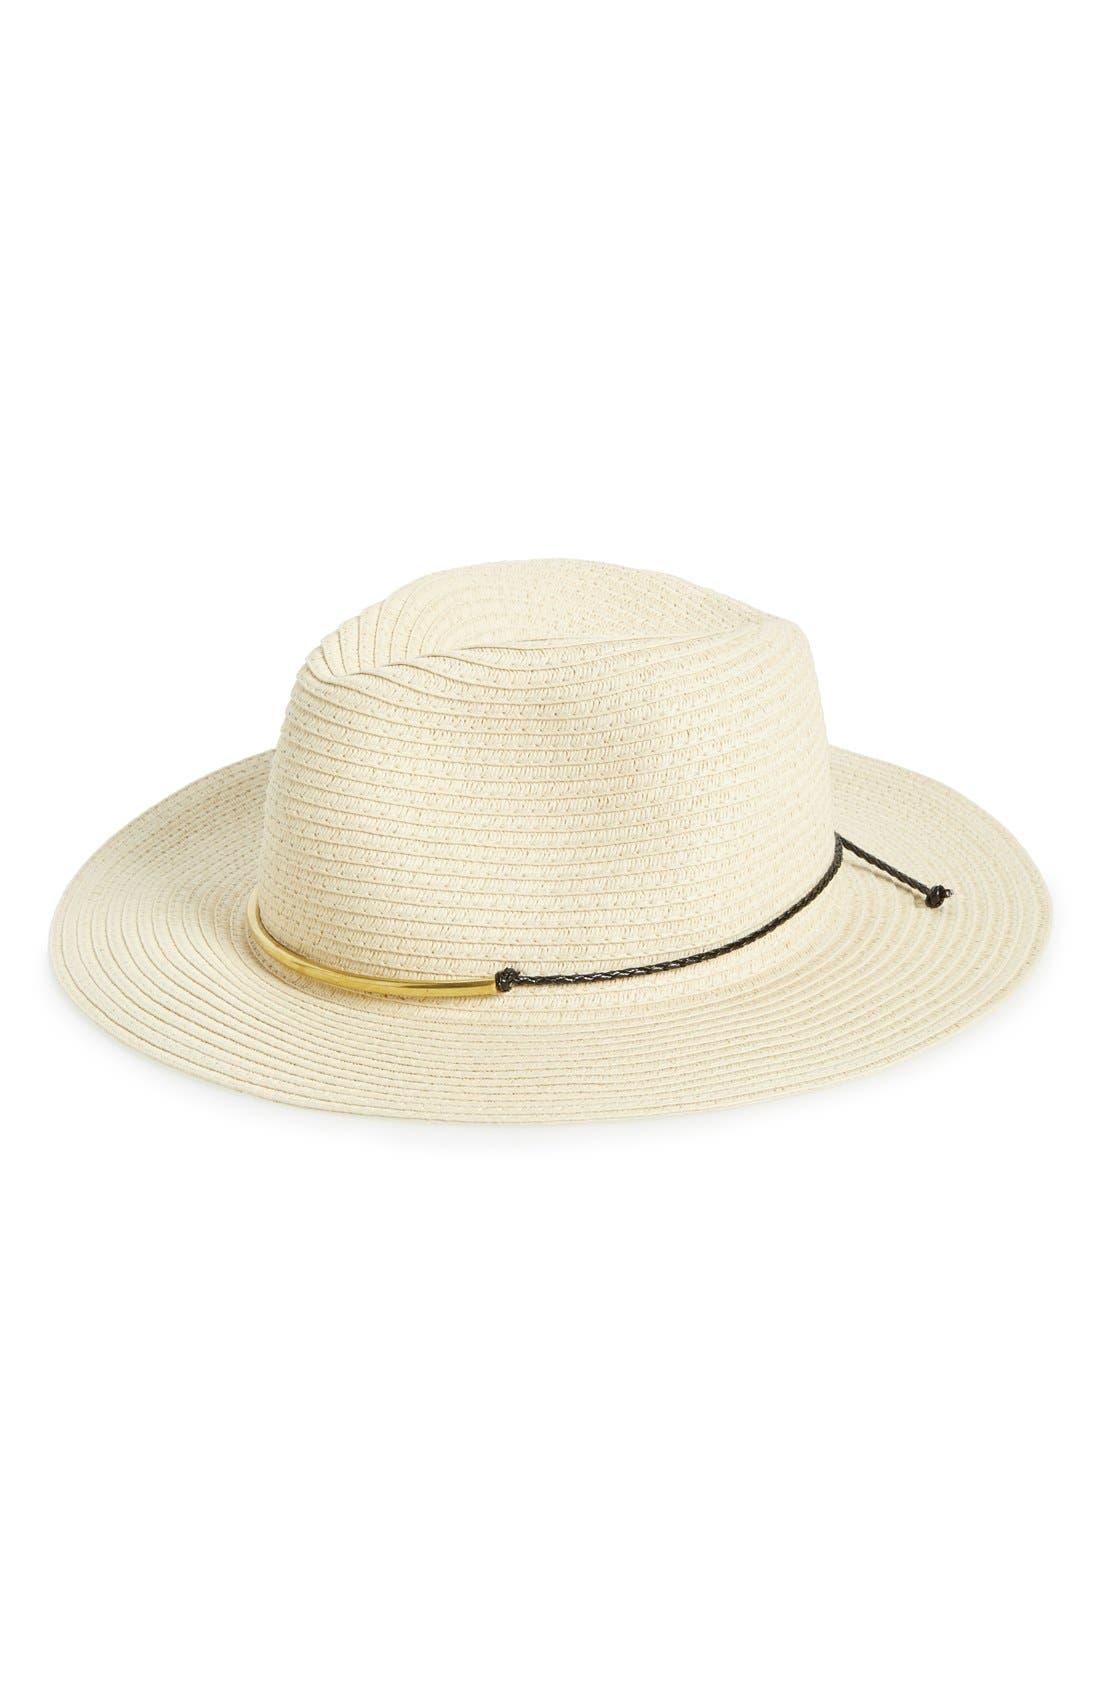 Main Image - Phase 3 Metal Trim Panama Hat